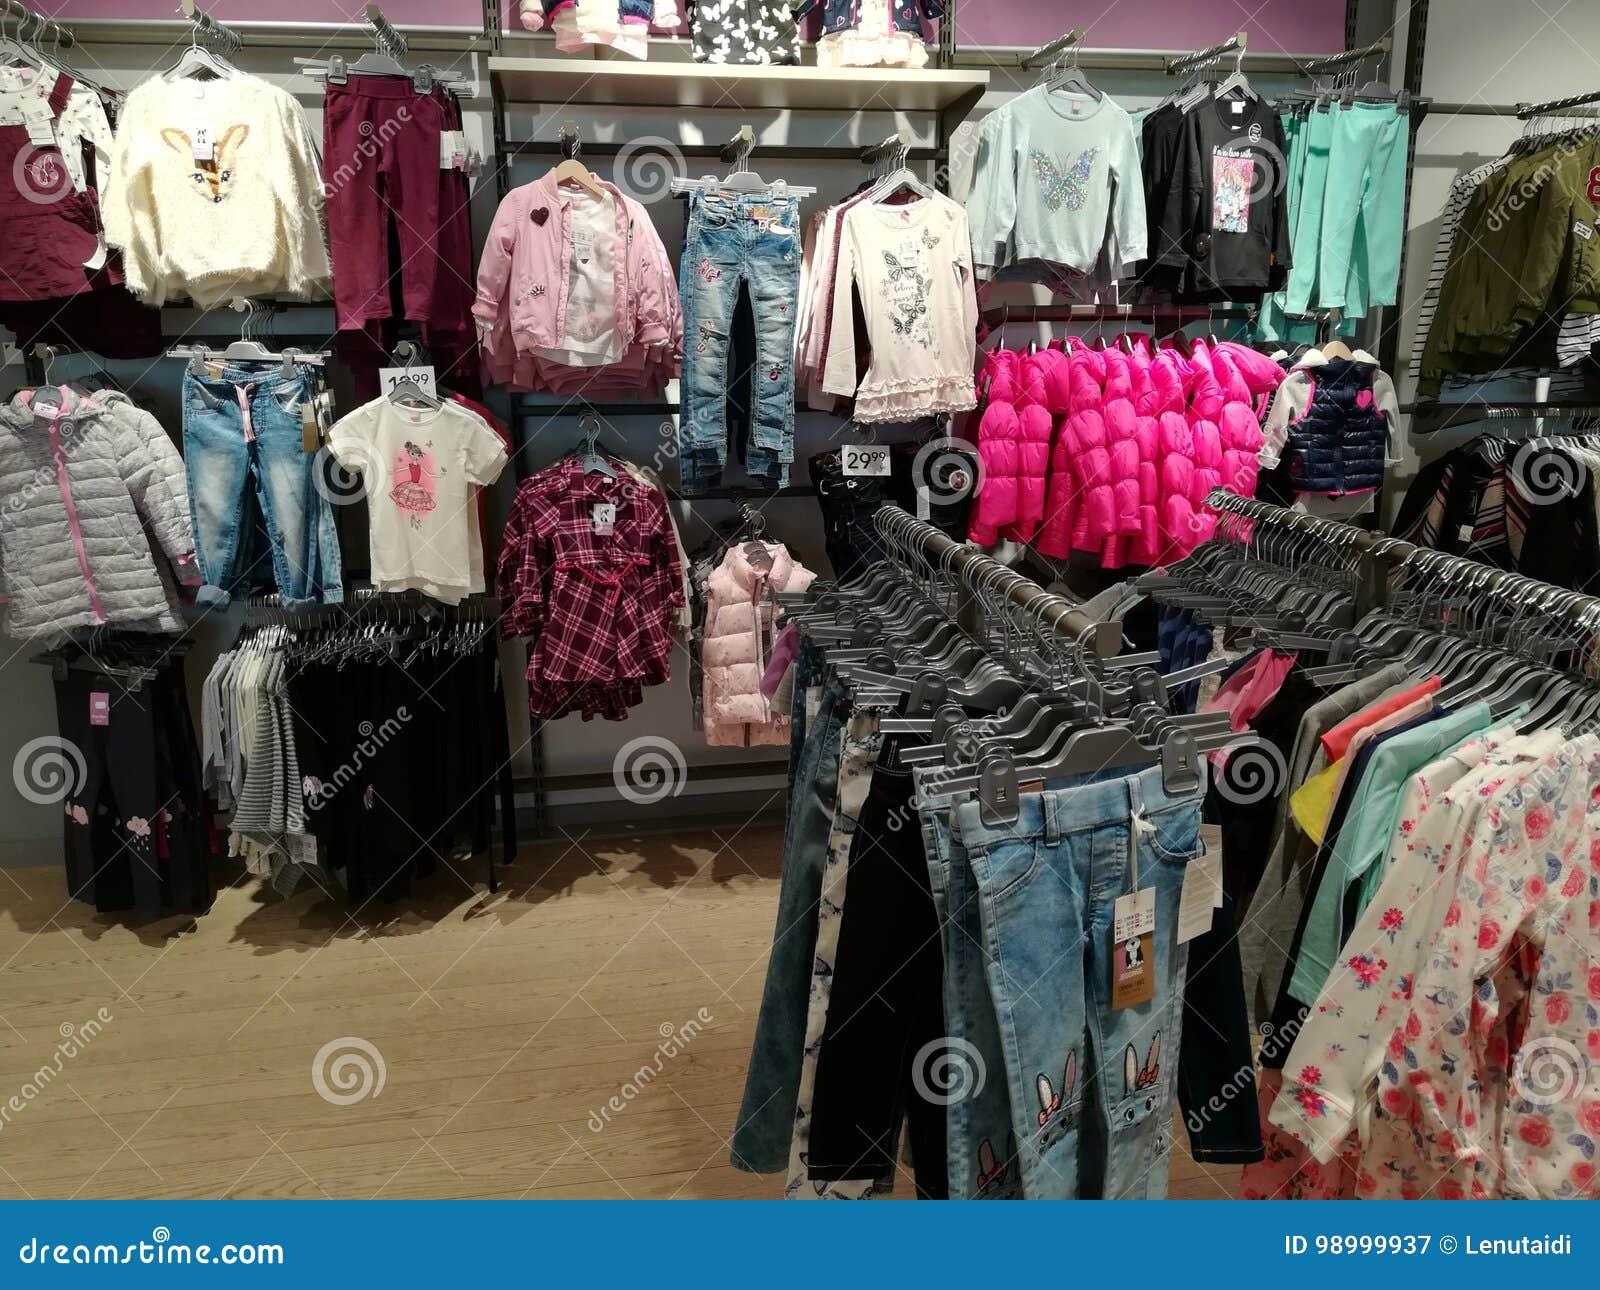 d76184651b36 Tienda de ropa para mujer fotografía editorial. Imagen de ropas ...